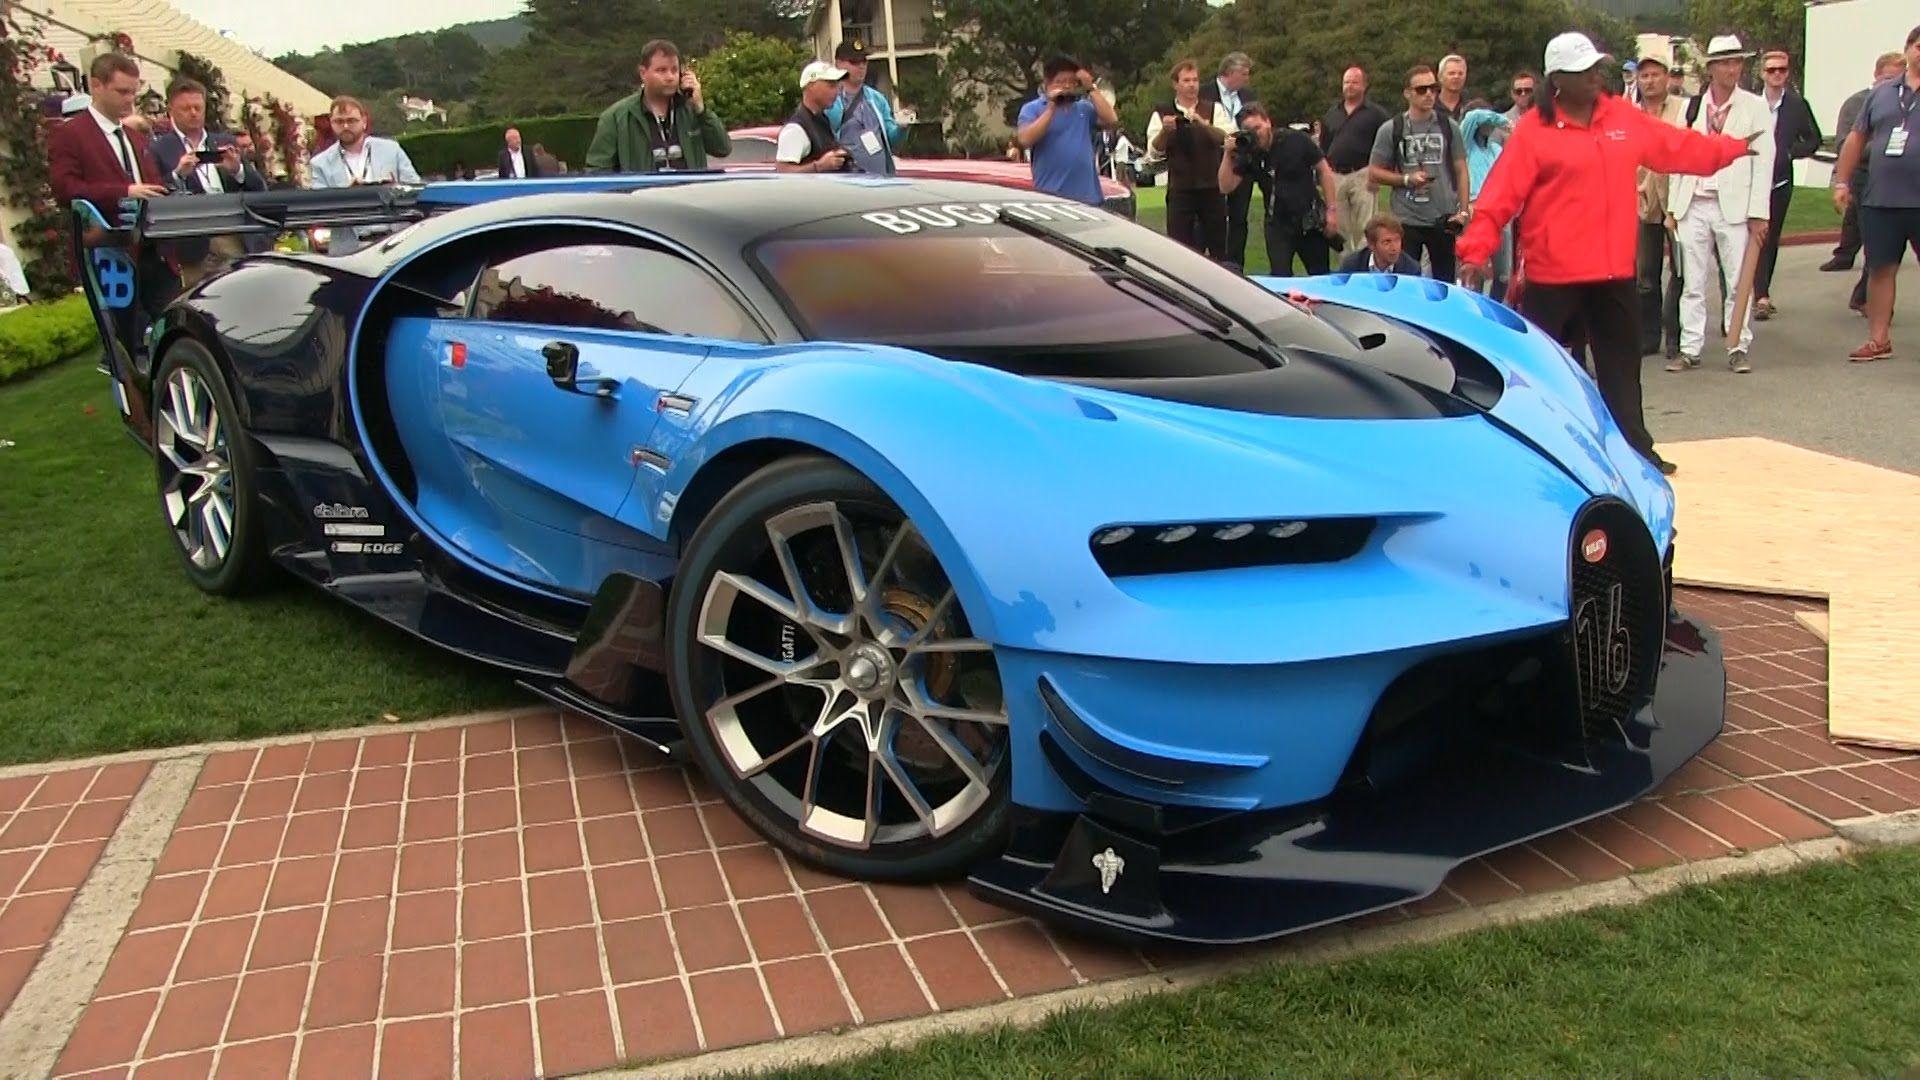 How To Break The Bugatti Vision Gran Turismo Bugatti Car Videos Modified Cars